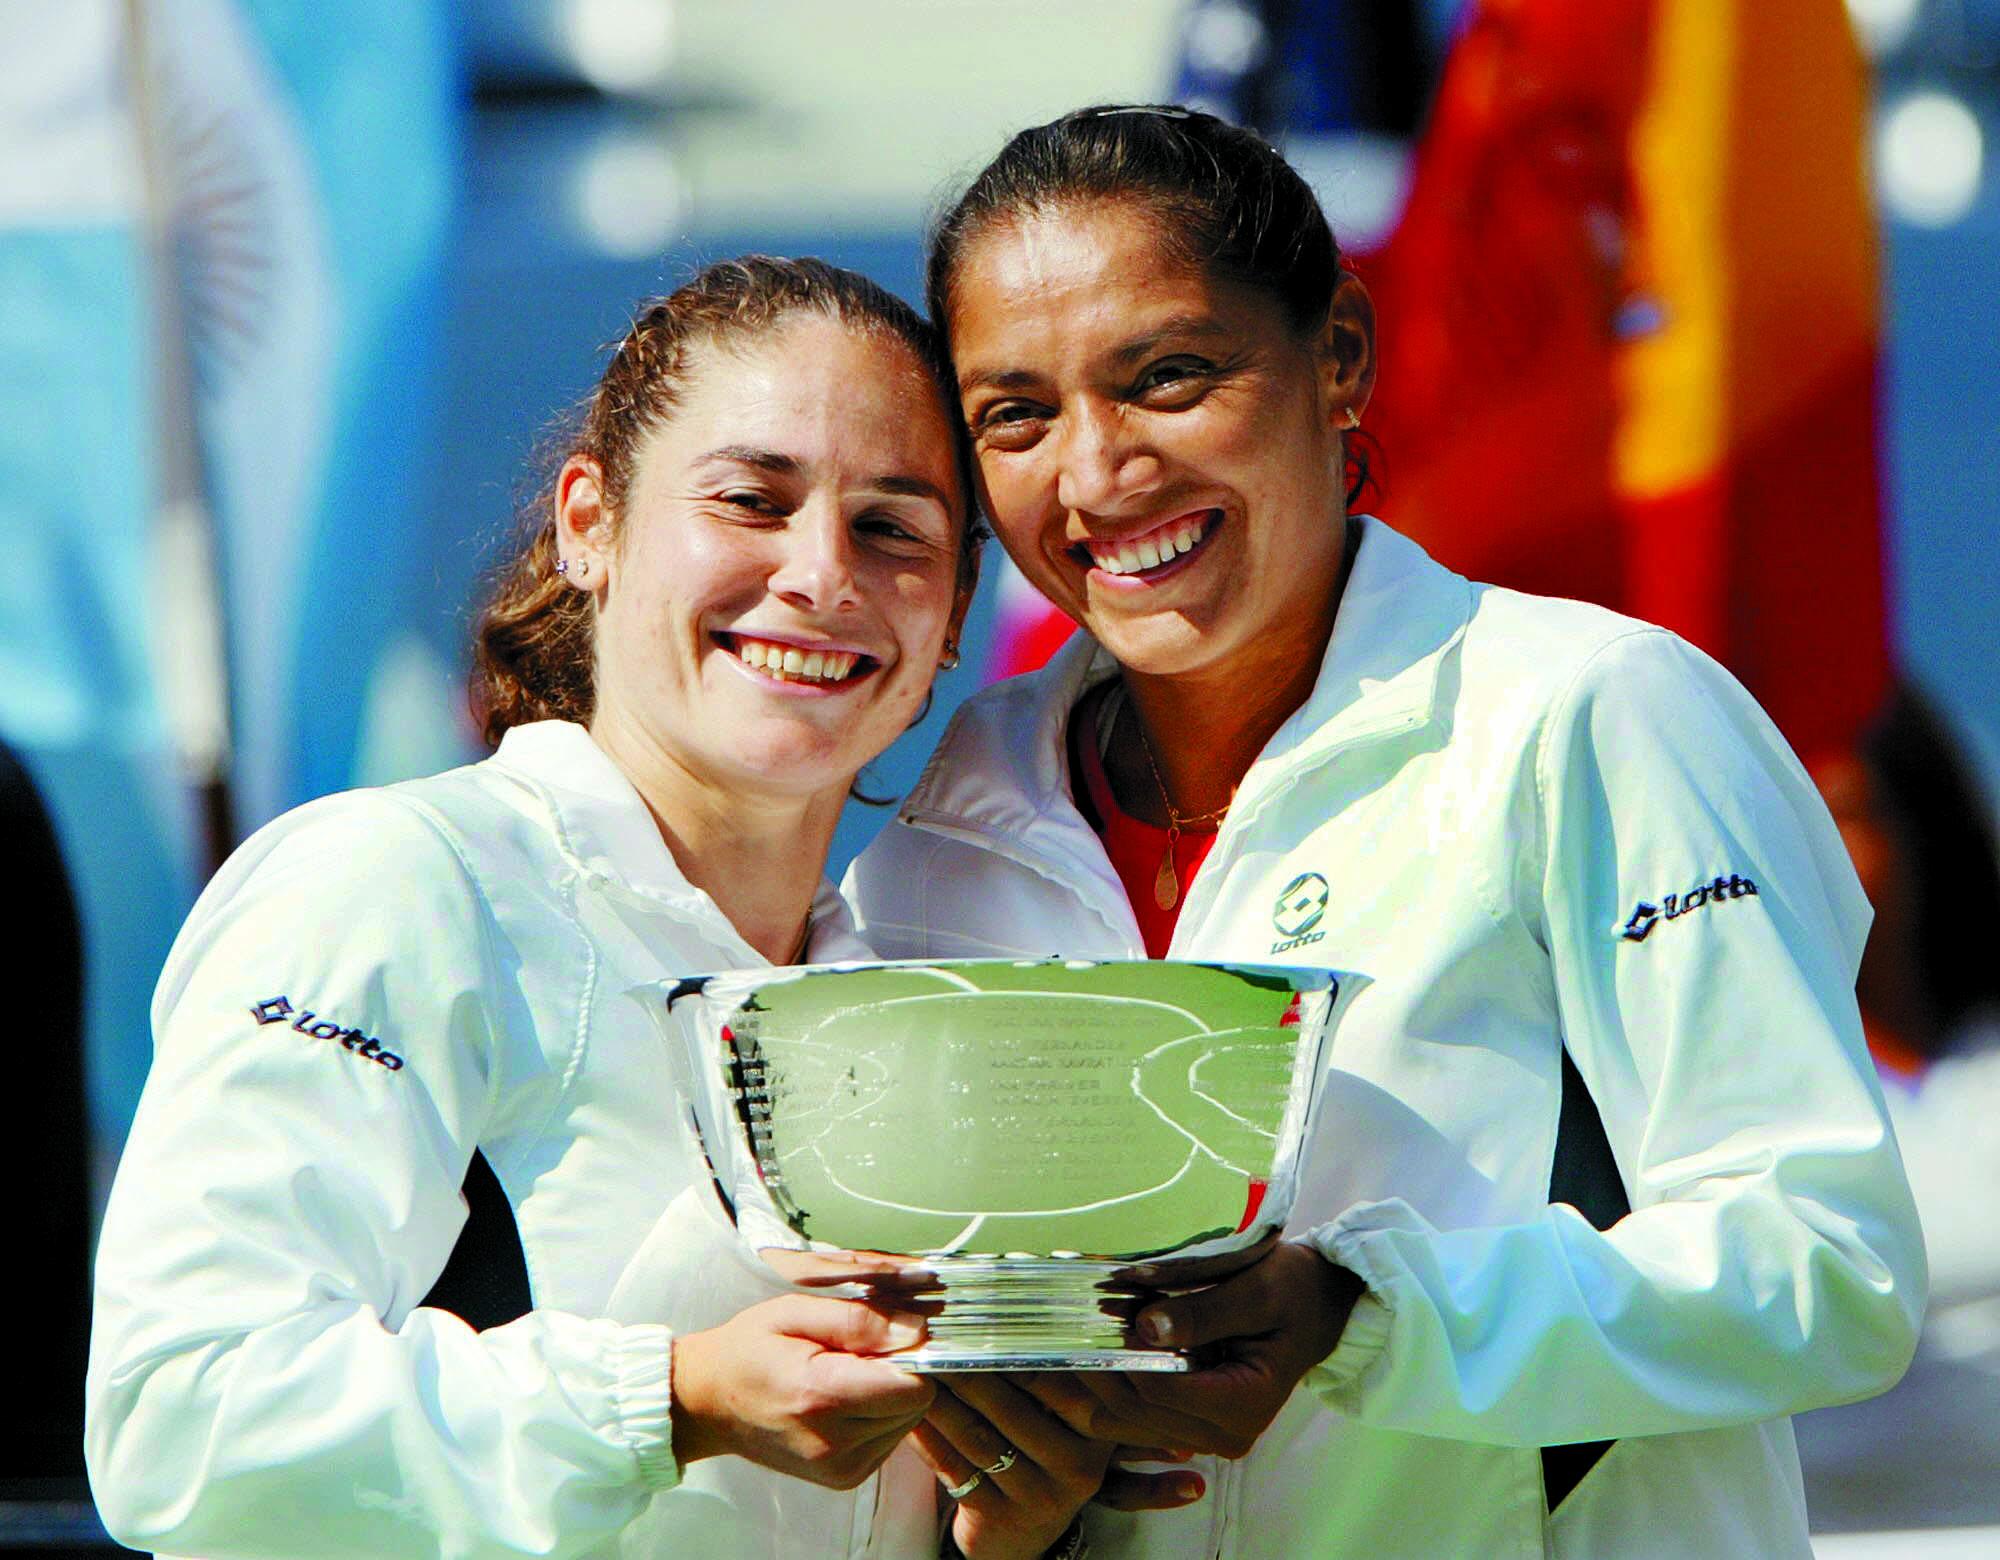 Vivi Ruano y Paola Suárez, tras ganar el US Open en 2004 (Archivo 20minutos).